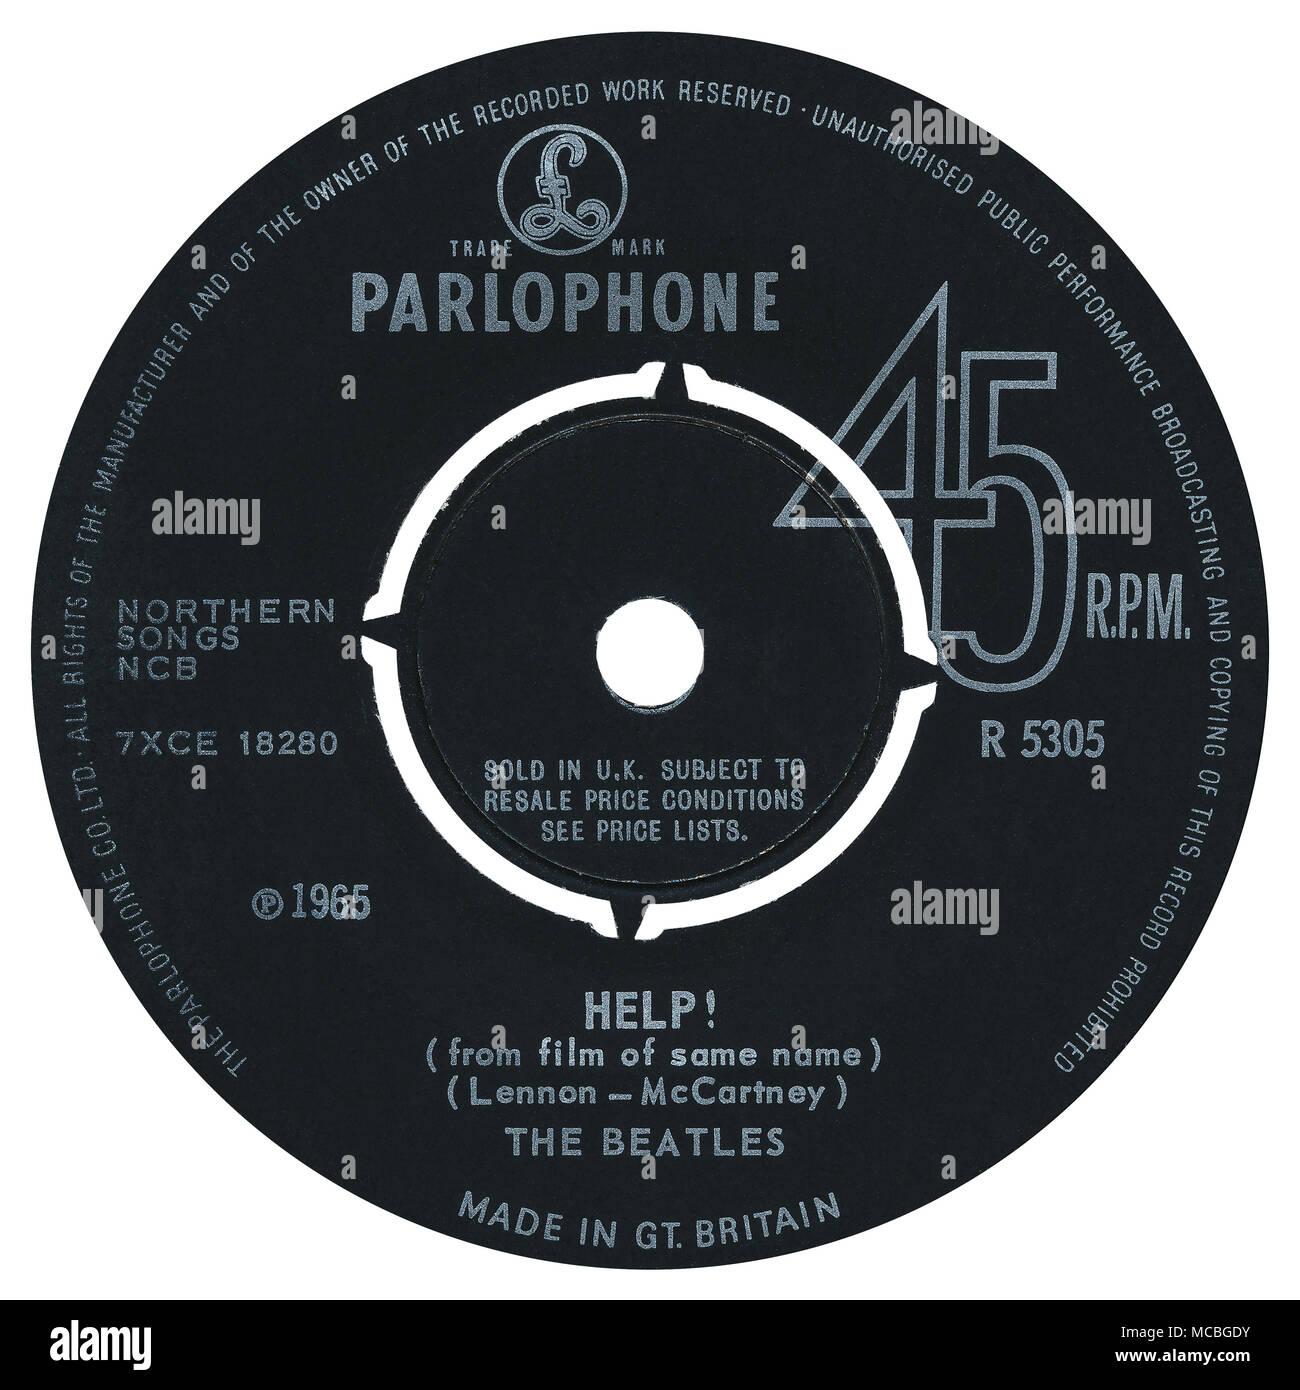 45 RPM 7' discográfica británica de ayuda! Por los Beatles en Parlophone Records desde 1965. Escrito por John Lennon y Paul McCartney y producido por George Martin. Imagen De Stock